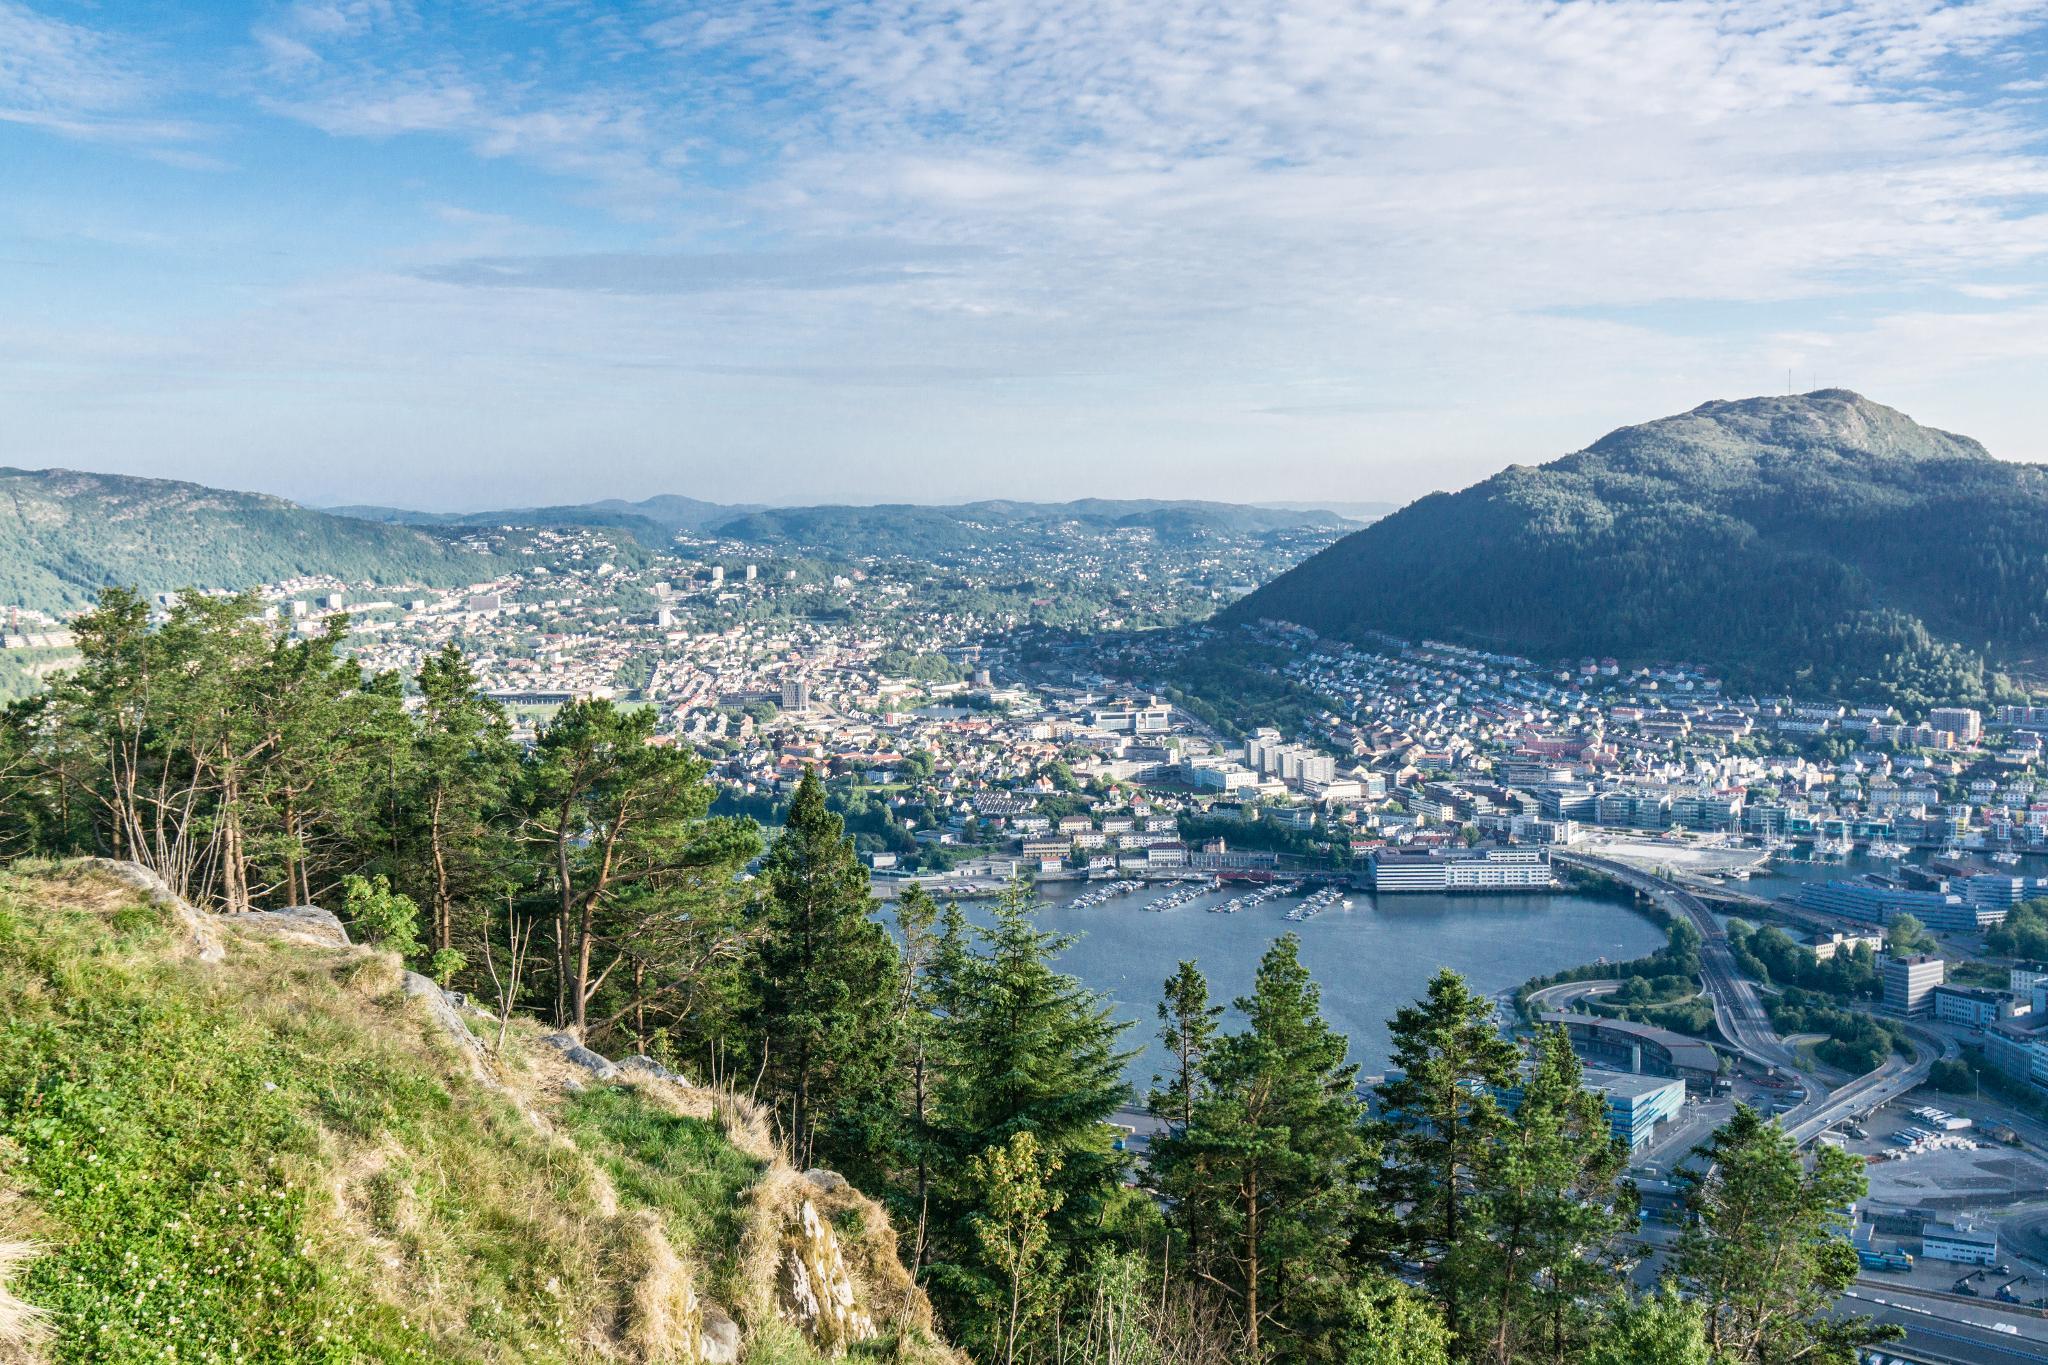 【卑爾根】Fløyen 佛洛伊恩山纜車與觀景台 — 擁抱文化港都的百萬美景 90